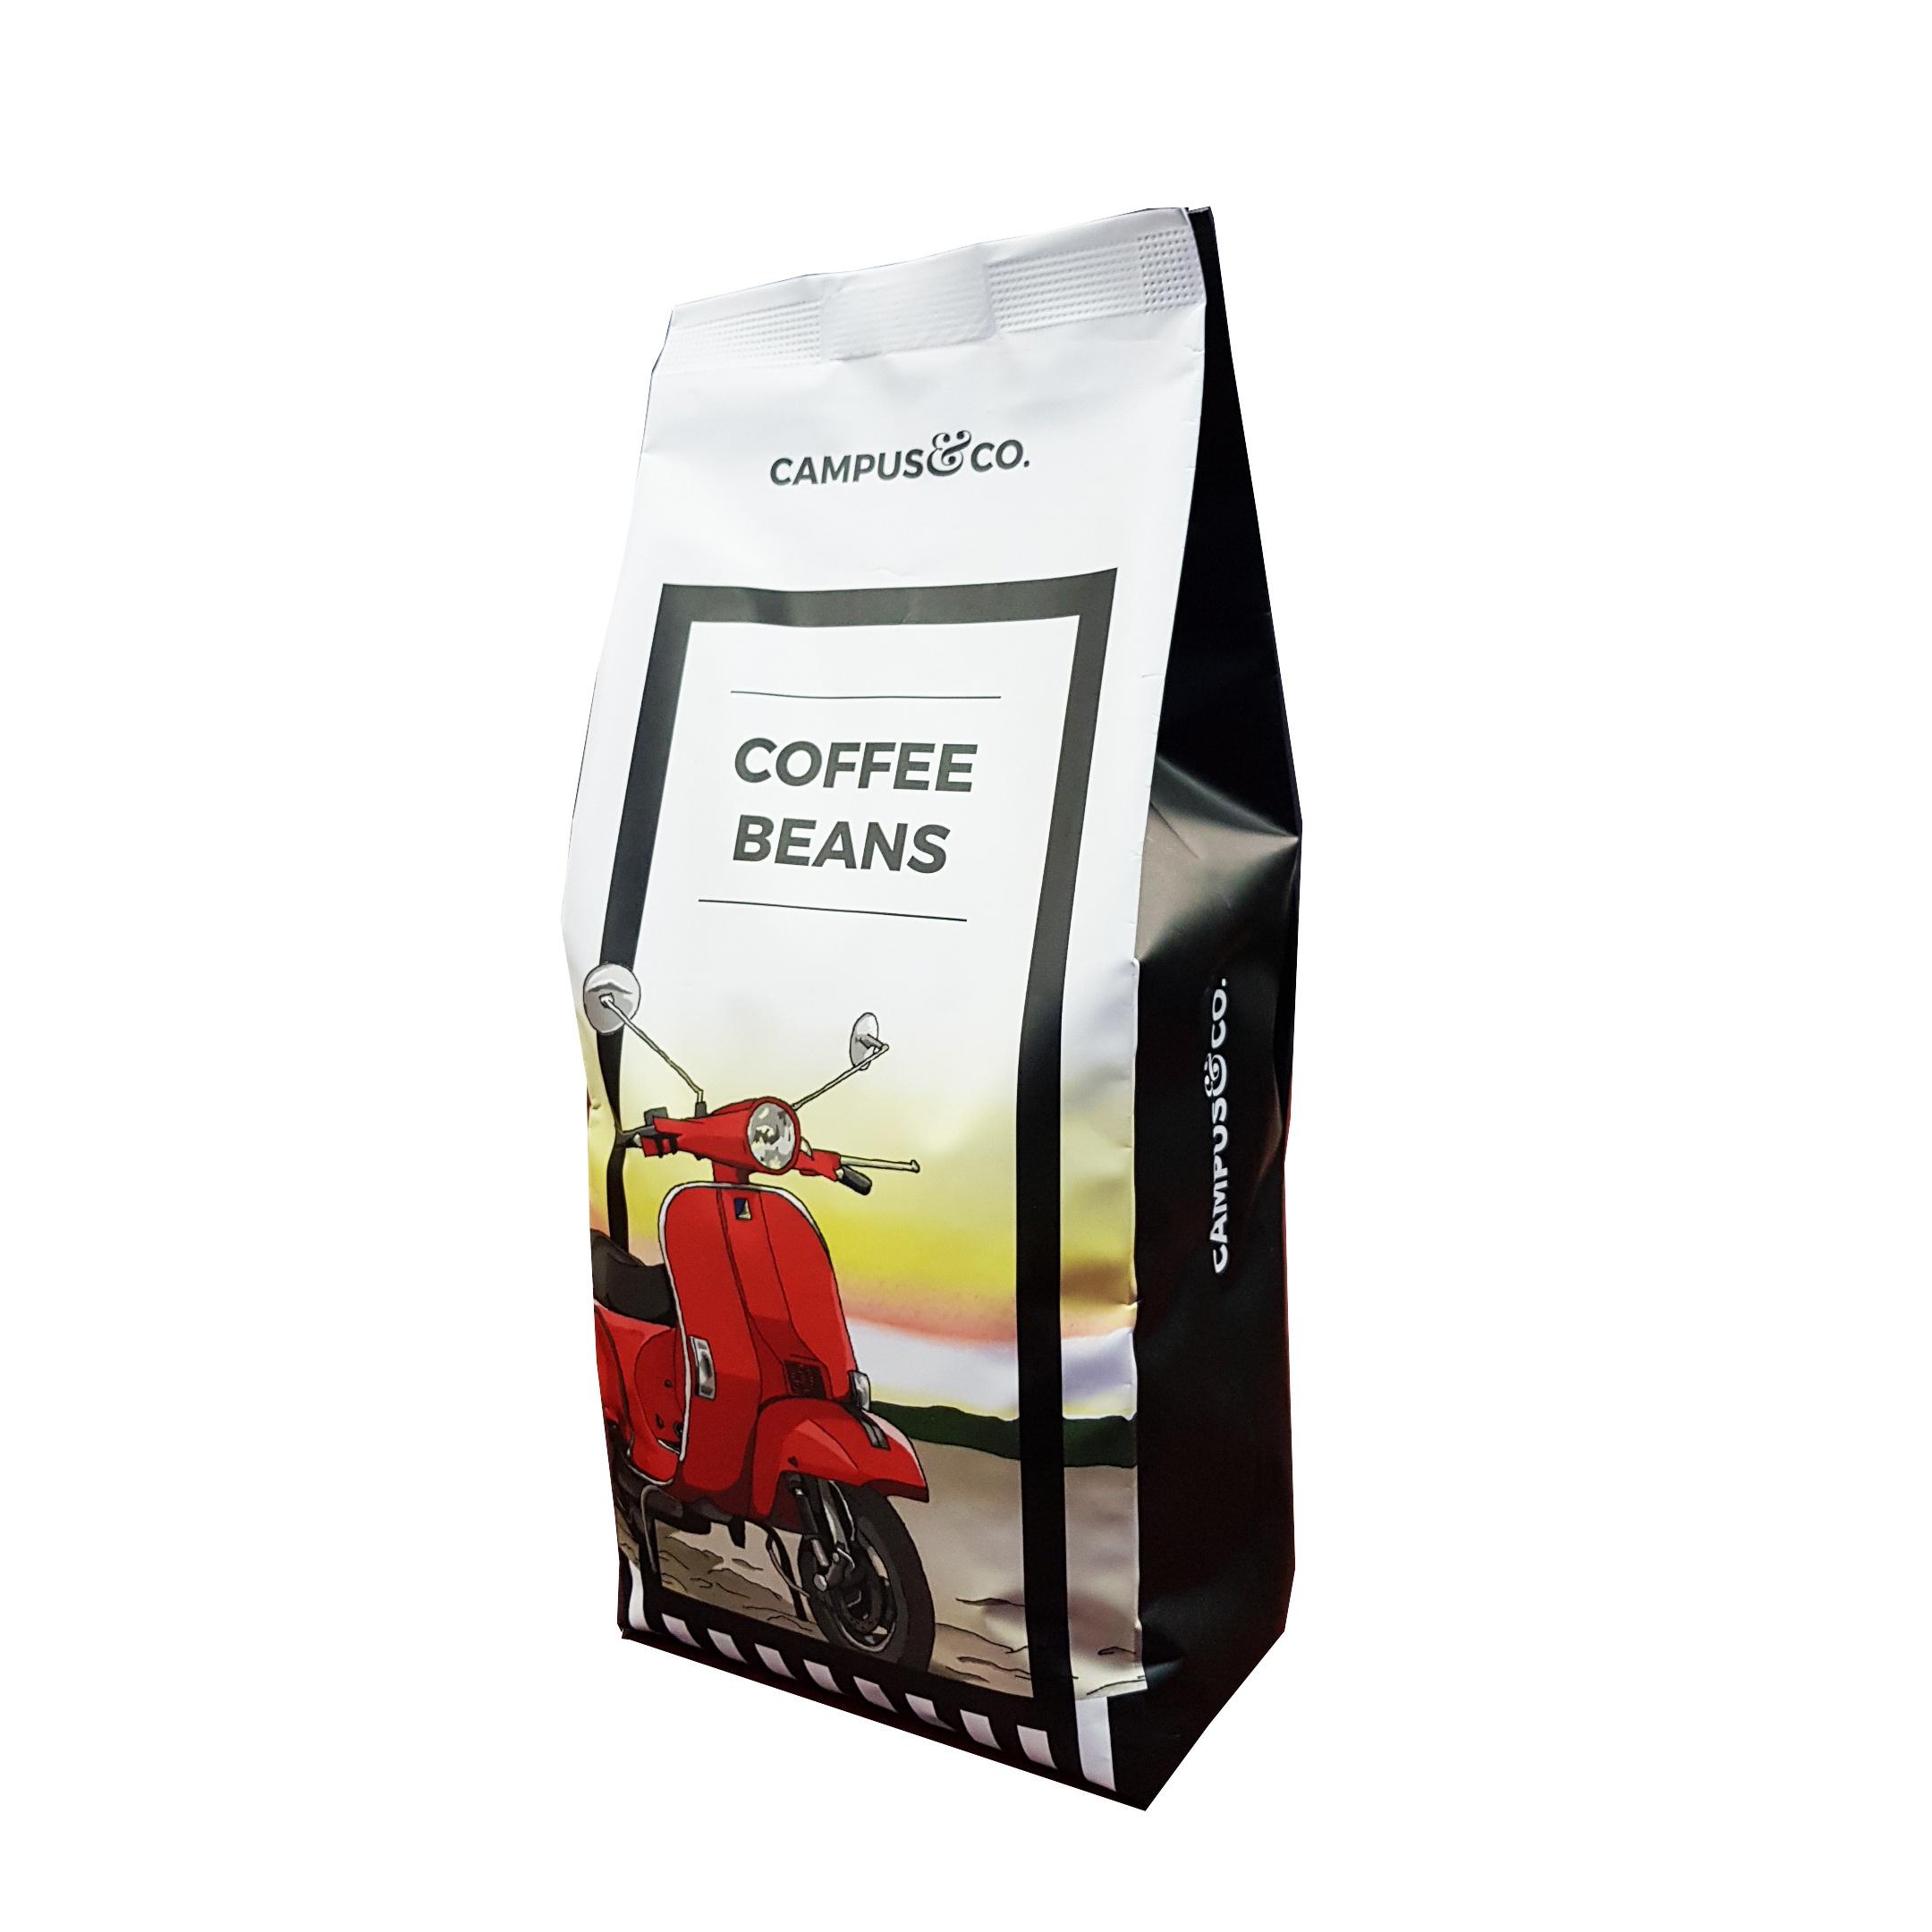 Campus & Co Premium Coffee Beans 1kg